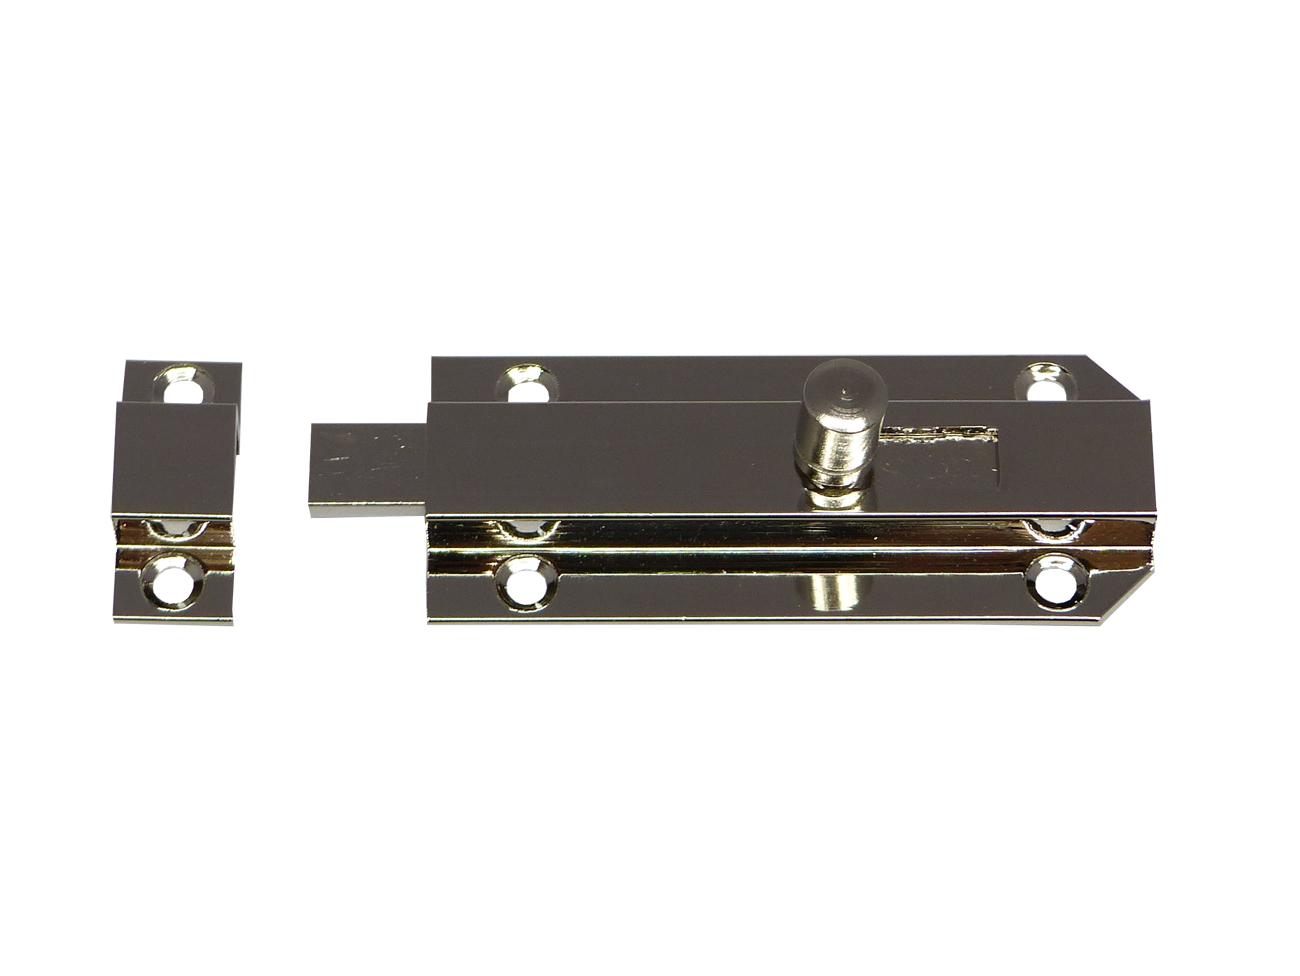 Möbelgriffe und Schilder Komplett Set für Kommoden Oberfläche Vernickelt.